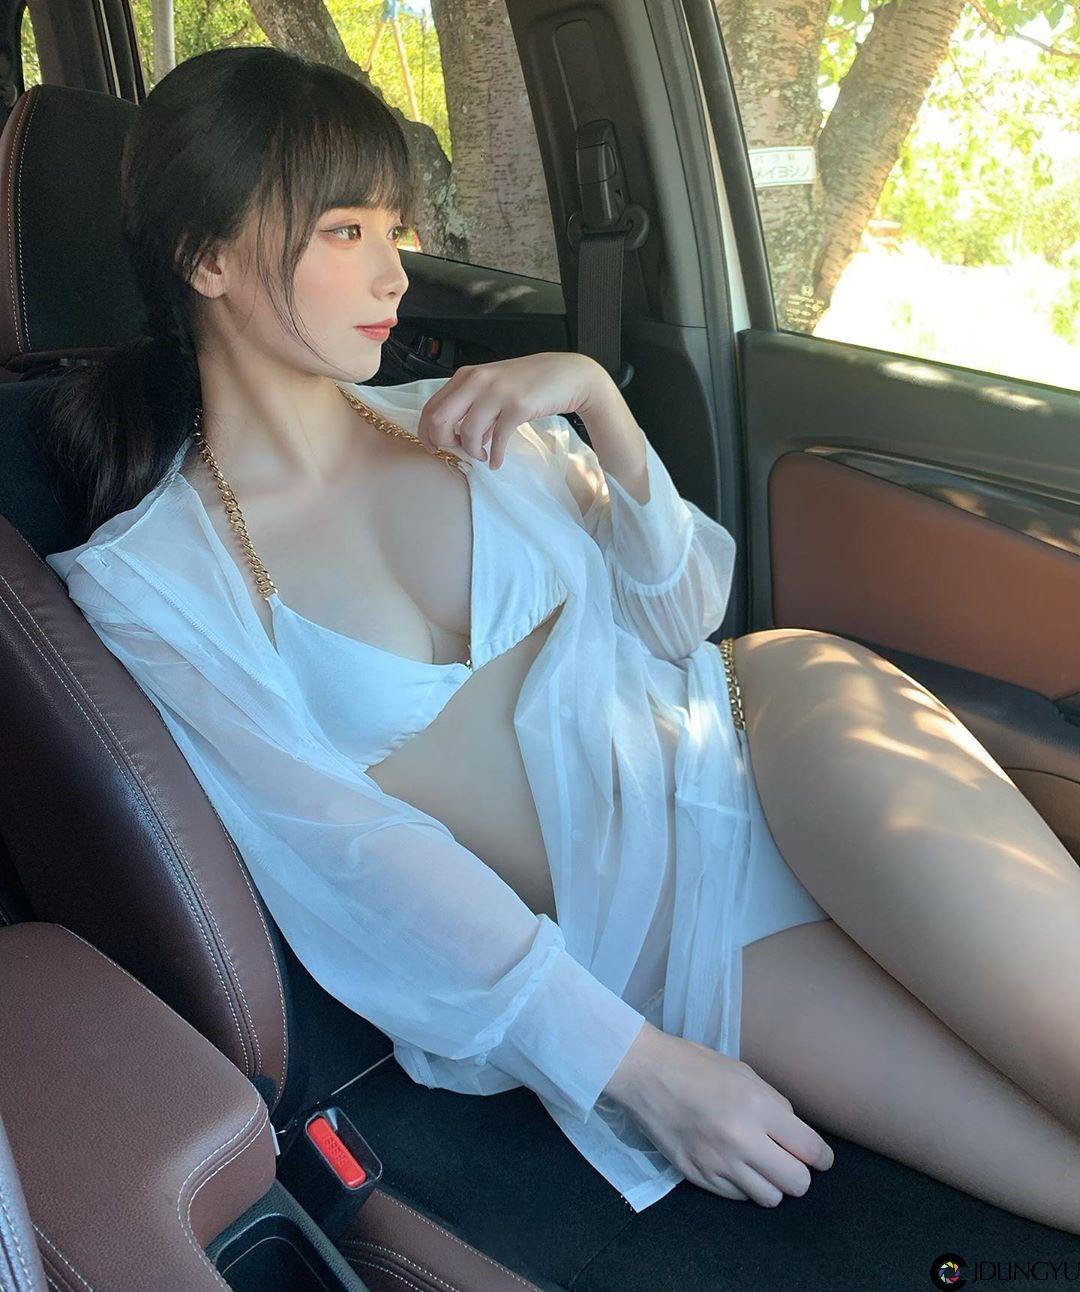 这怎么专心开车?韩系日妹「Haru」穿比基尼坐副驾驶大展「雪乳美尻」好诱惑!